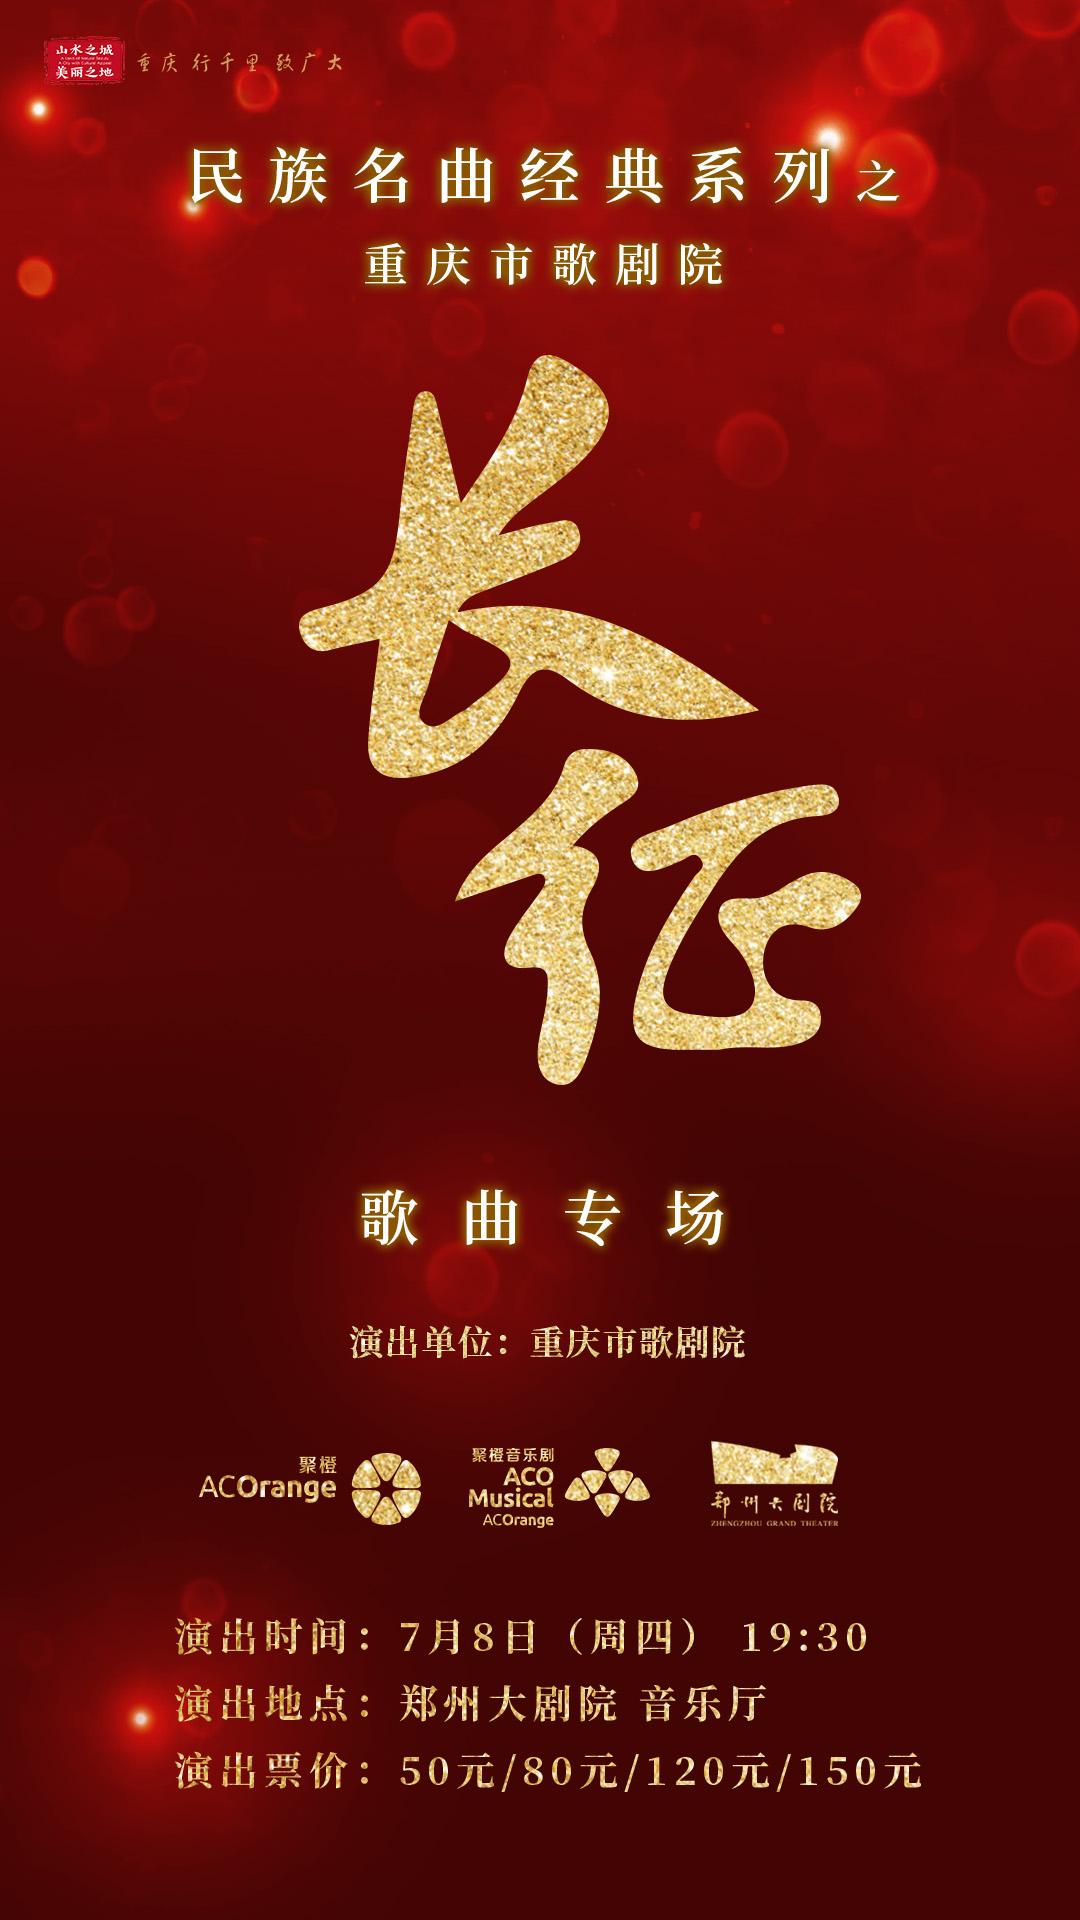 重庆歌剧院郑州《长征》音乐会